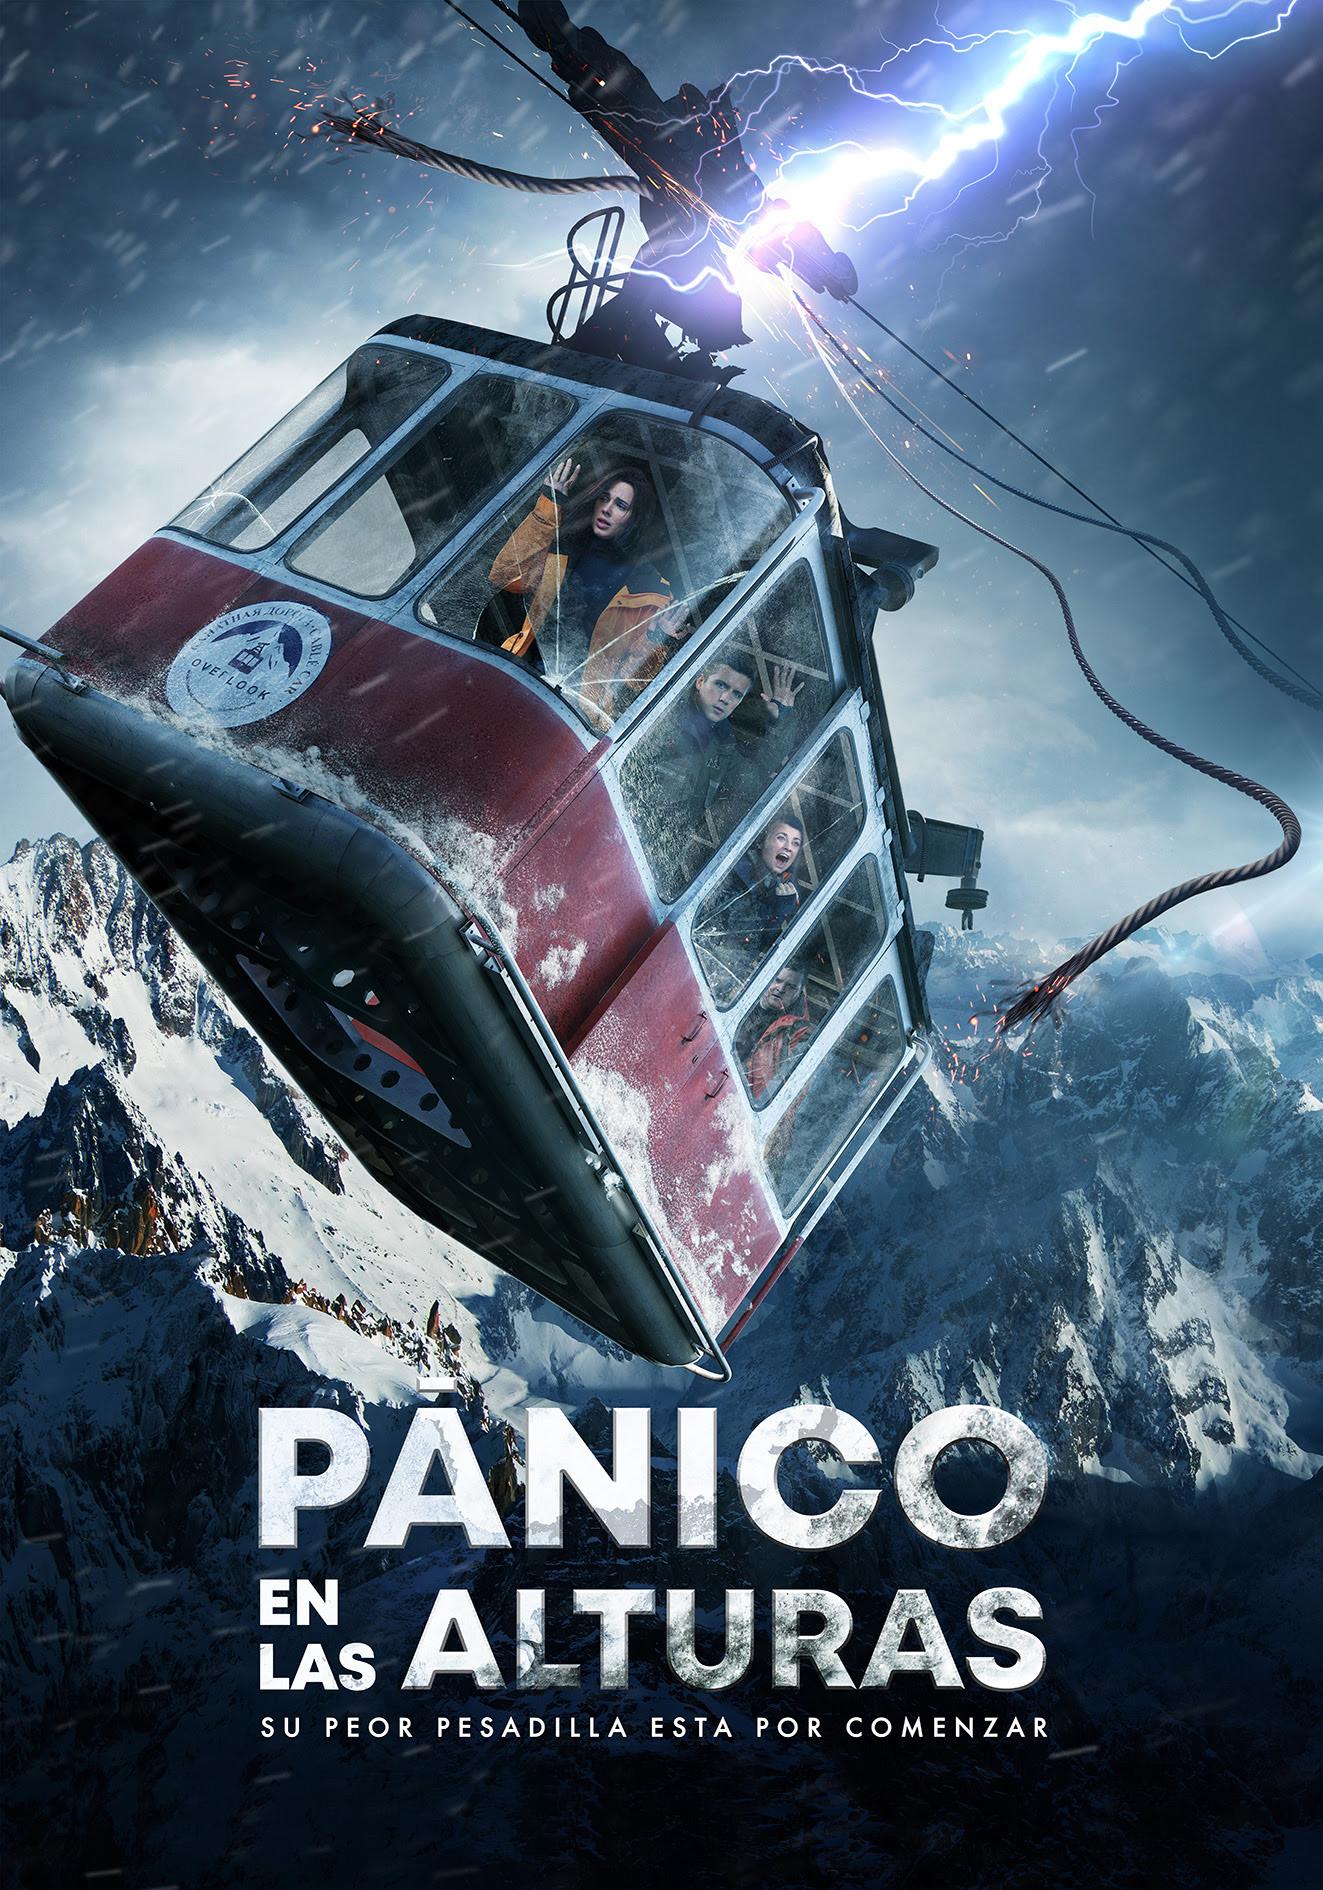 Pánico en las Alturas|Break|2019|720p|Latino